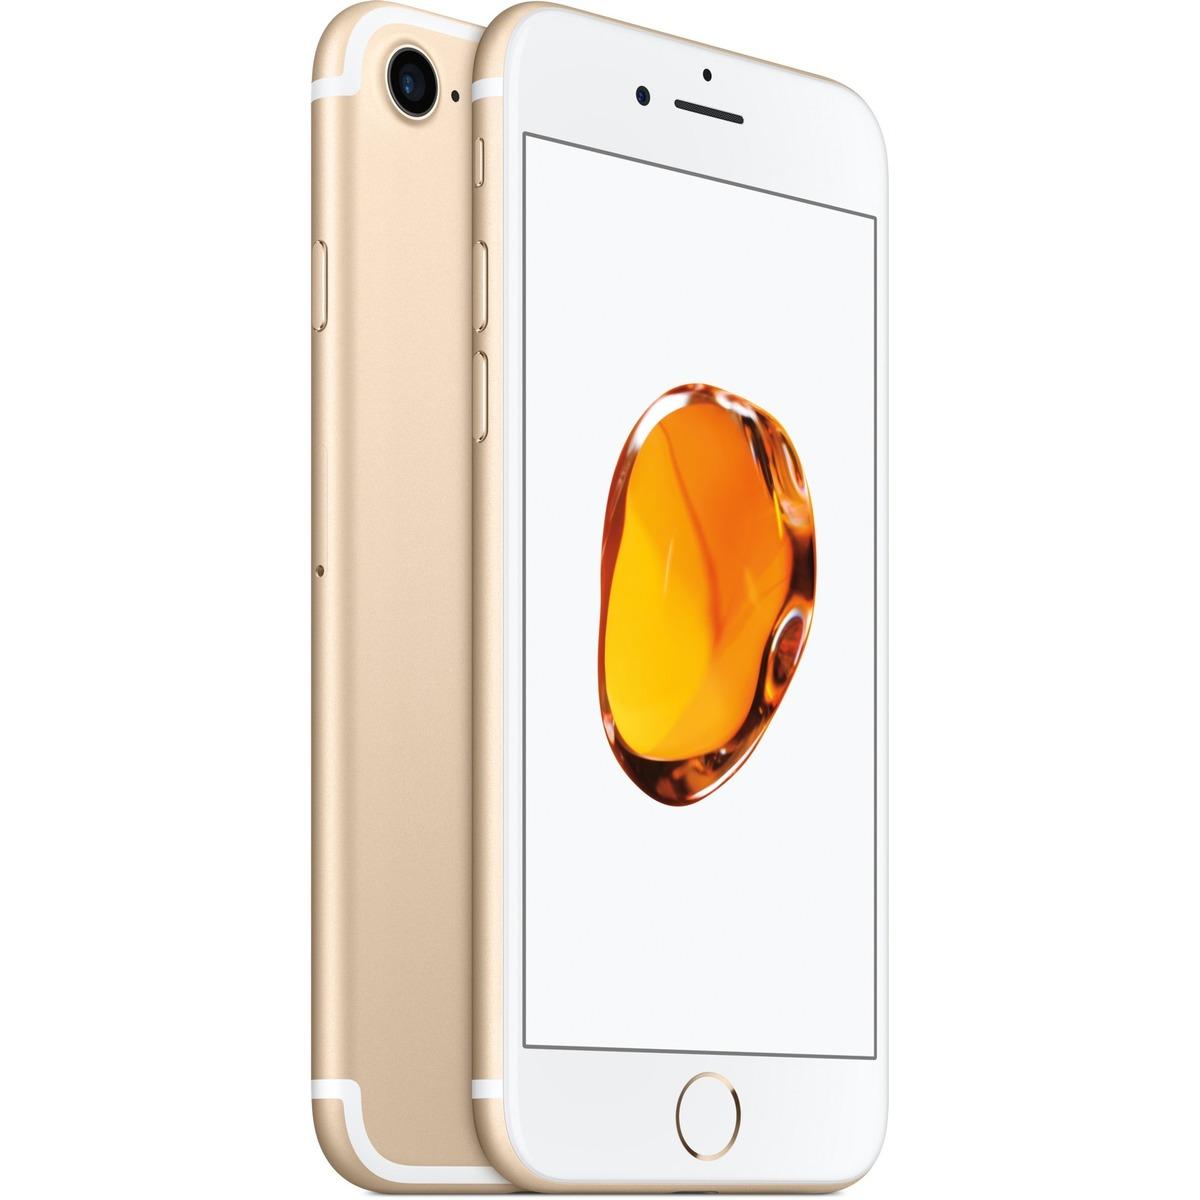 Bild 1 von Apple Iphone 7 Smartphone (11,93 cm = 4,7